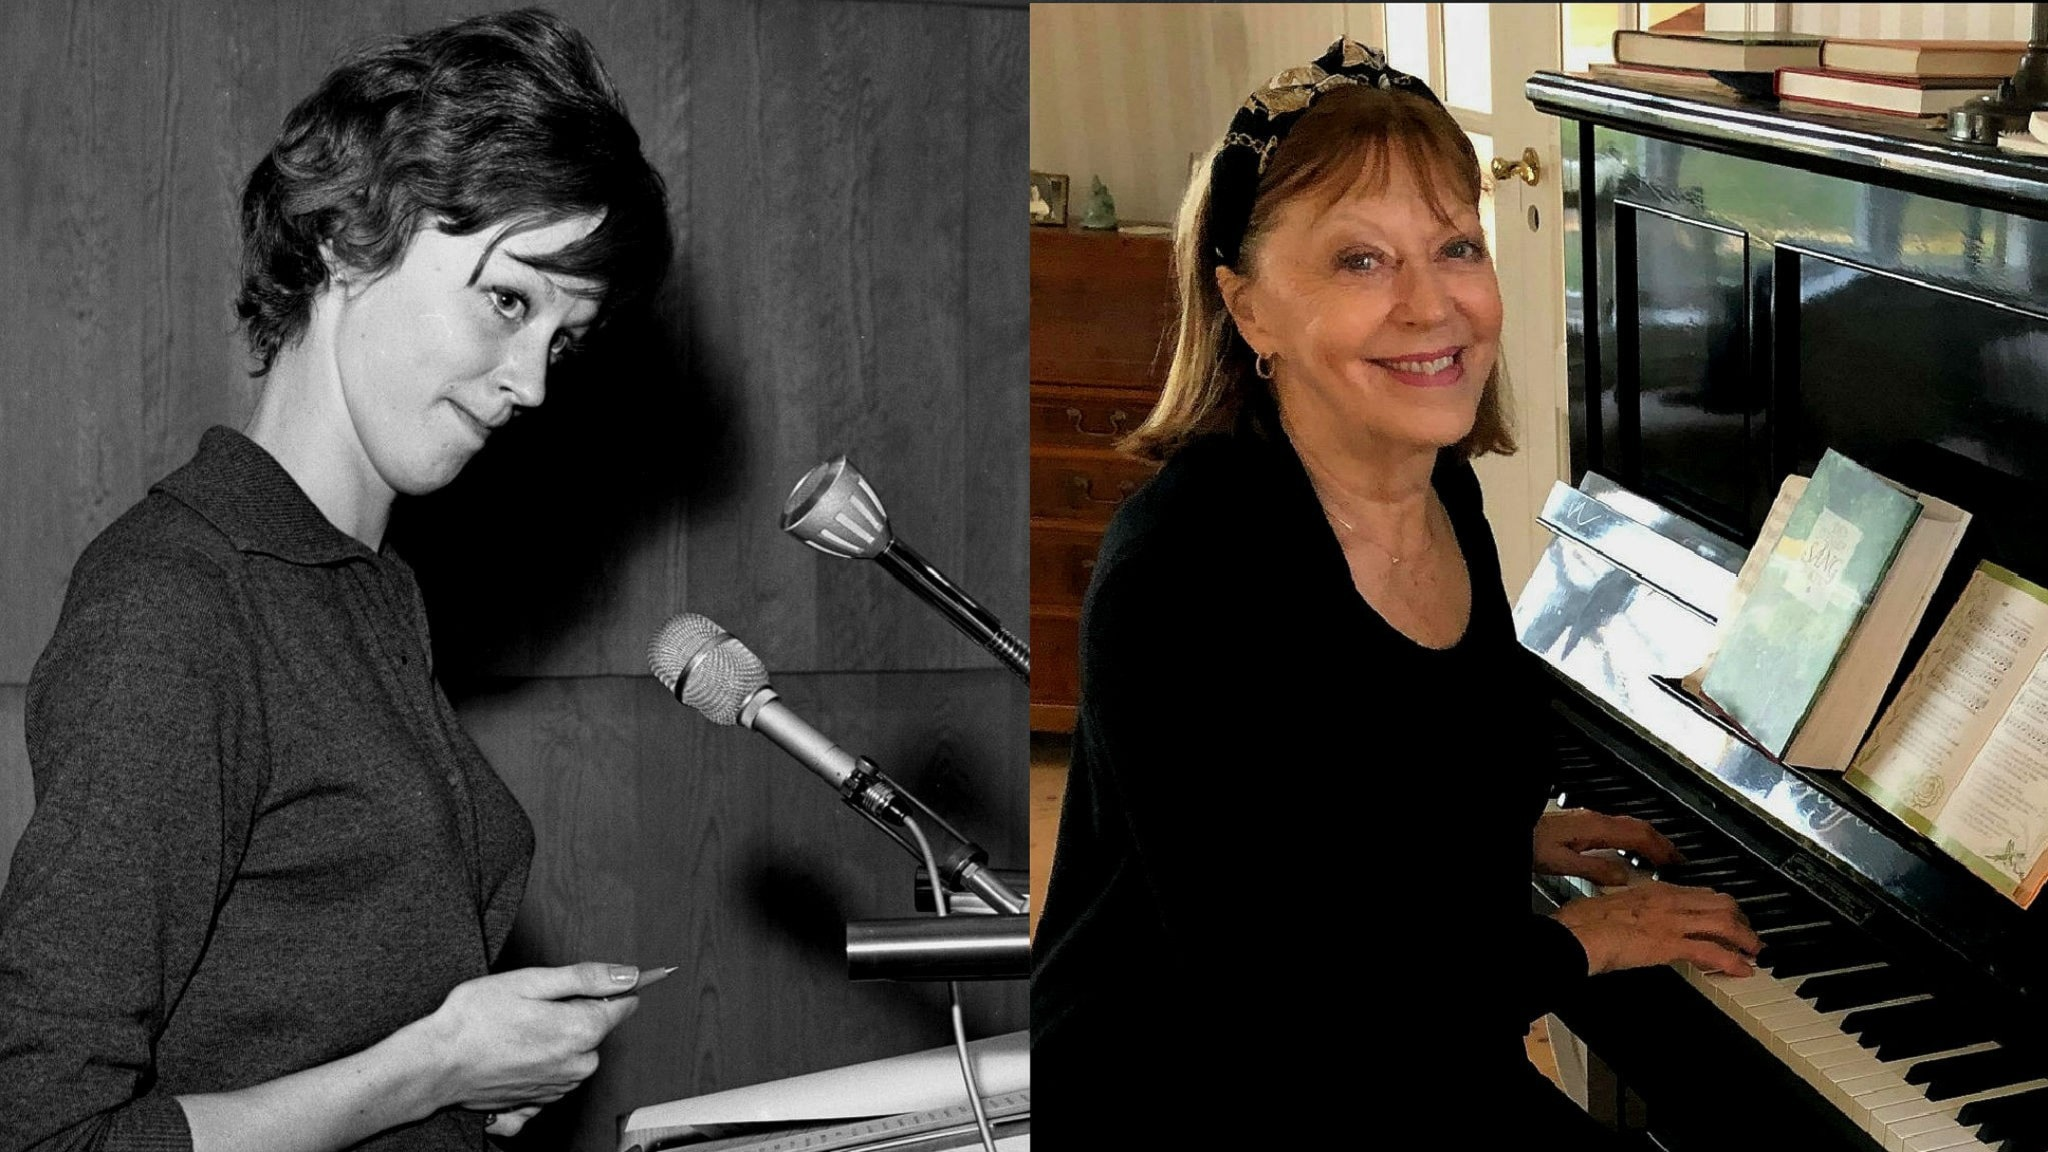 Hör Lill Lindfors i Tio i Topp från 1962 samt en färsk intervju där hon berättar listminnen!